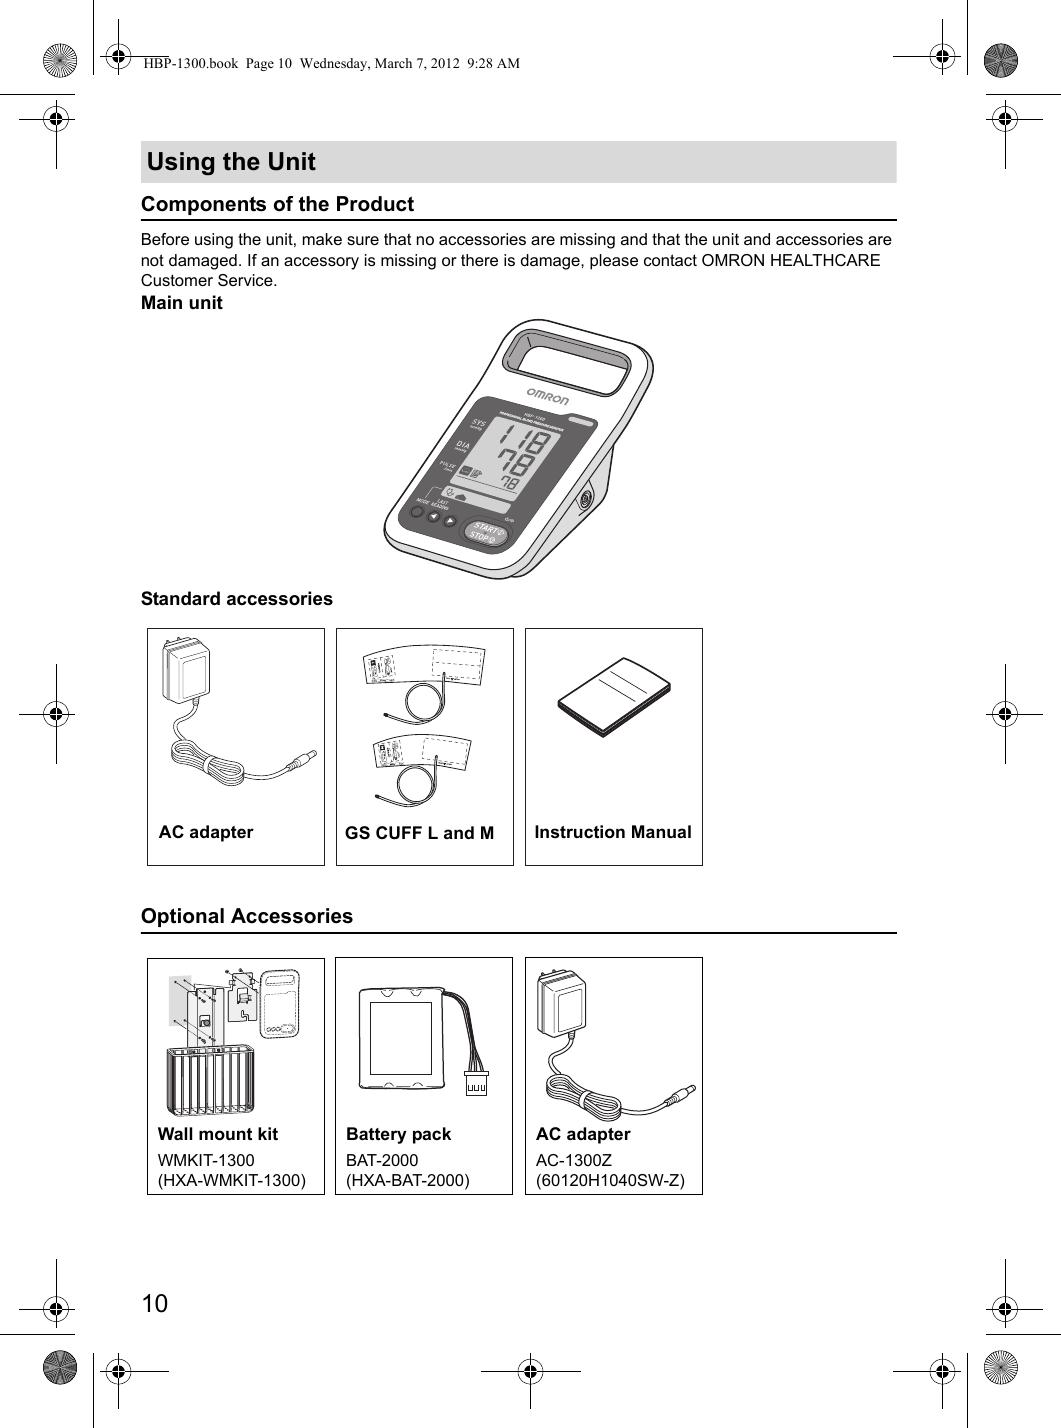 Omron Hbp 1300 Users Manual